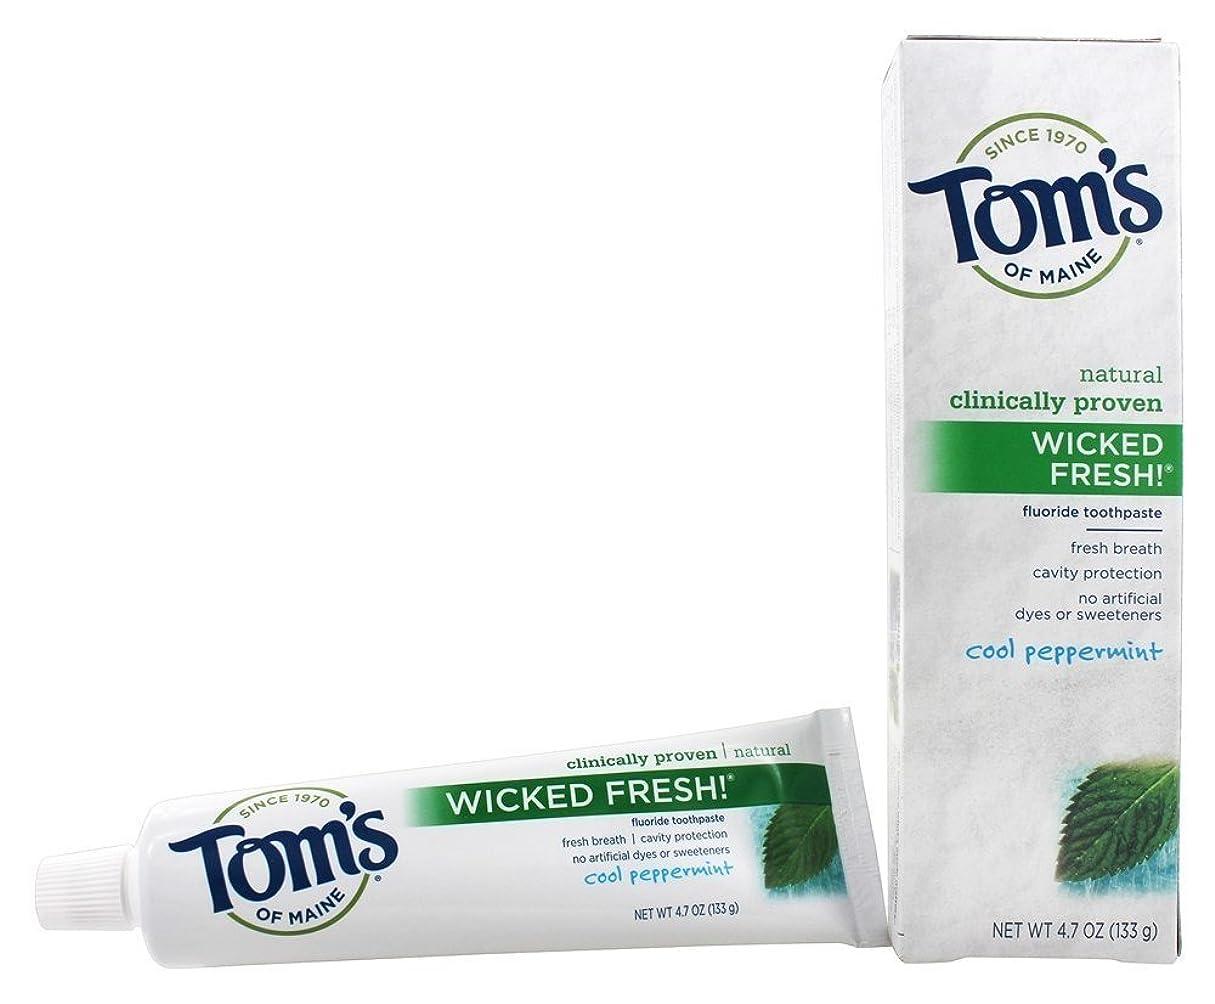 取り消すダメージ賞賛Tom's of Maine ナチュラル邪悪な新鮮なフッ化物の歯磨き粉クールペパーミント4.70オズ